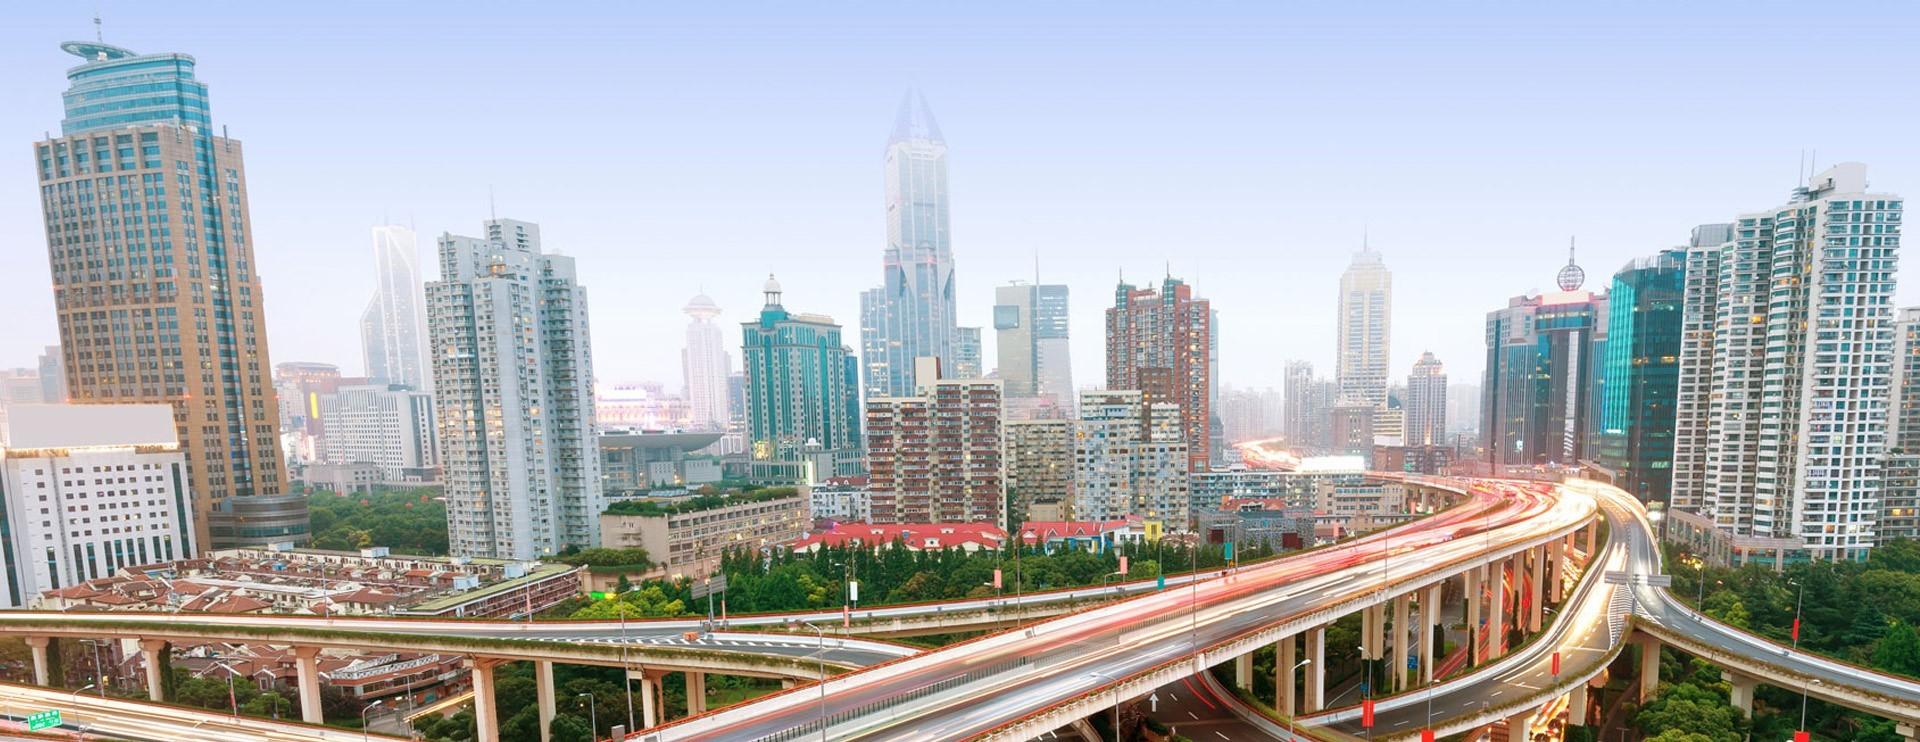 Skyline con strade e grattacieli